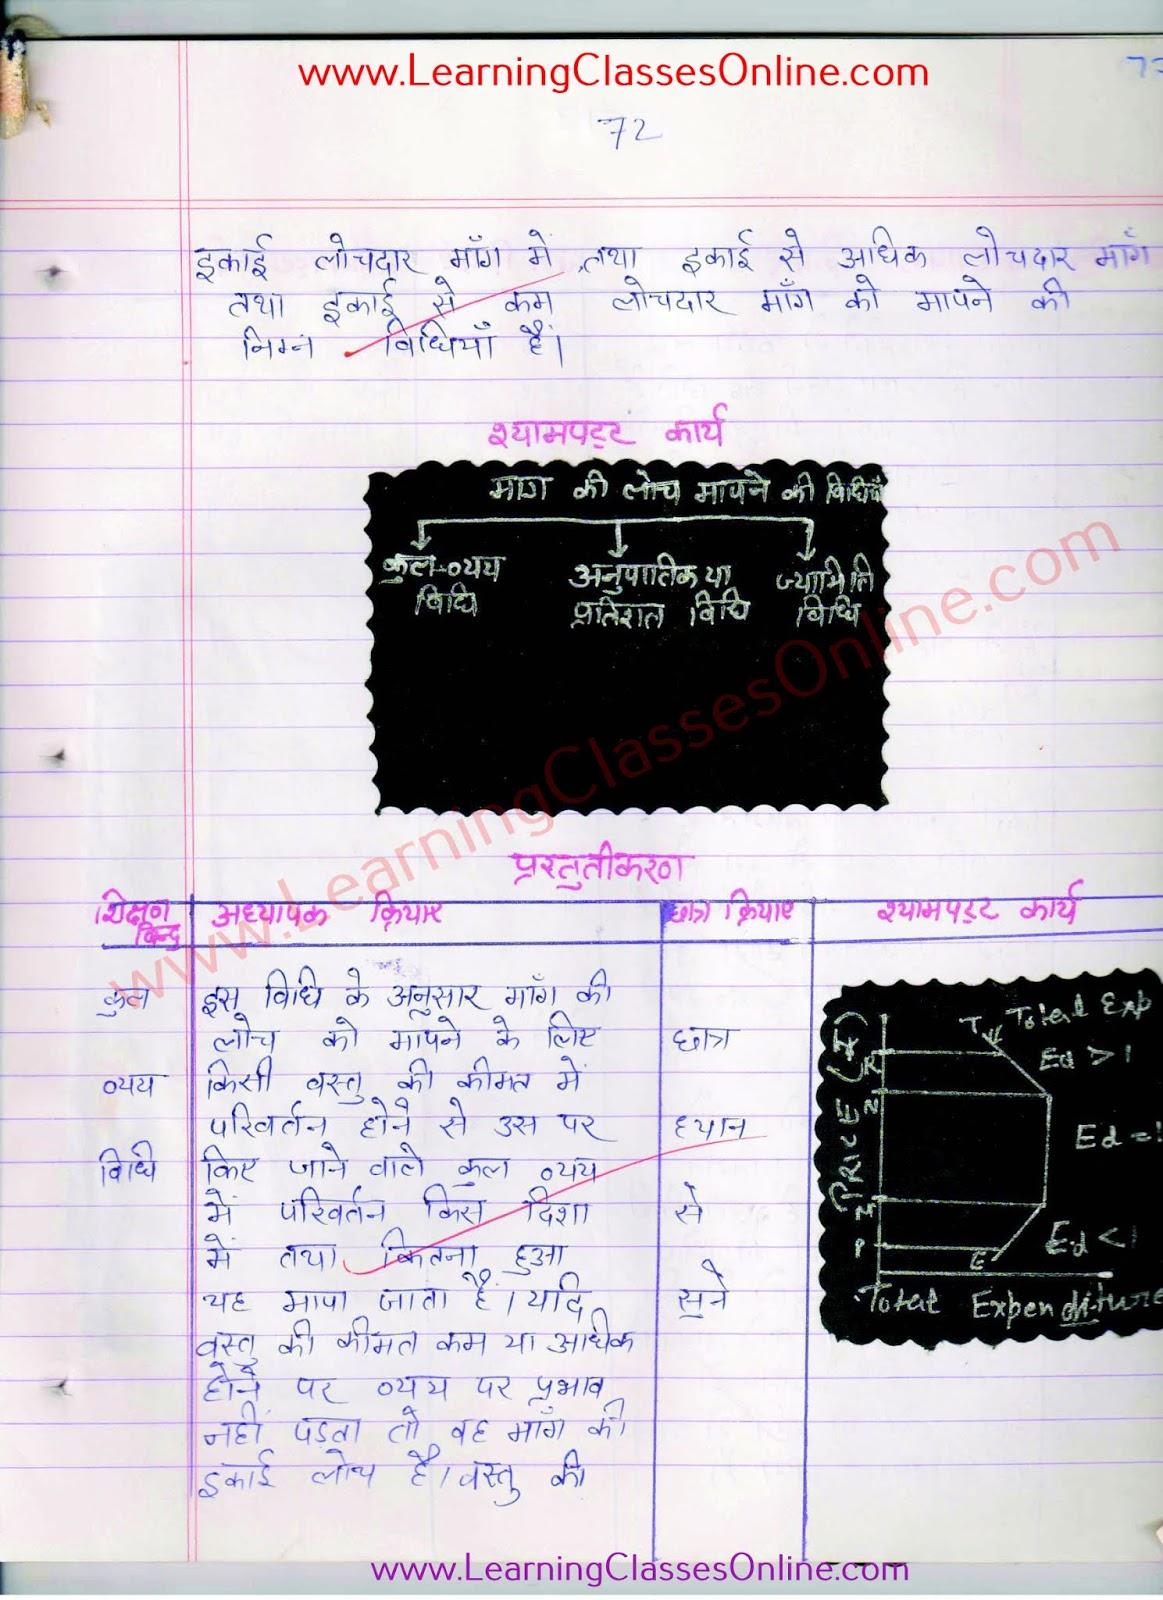 kaksa 12 arthsastra paath yojna in hindi